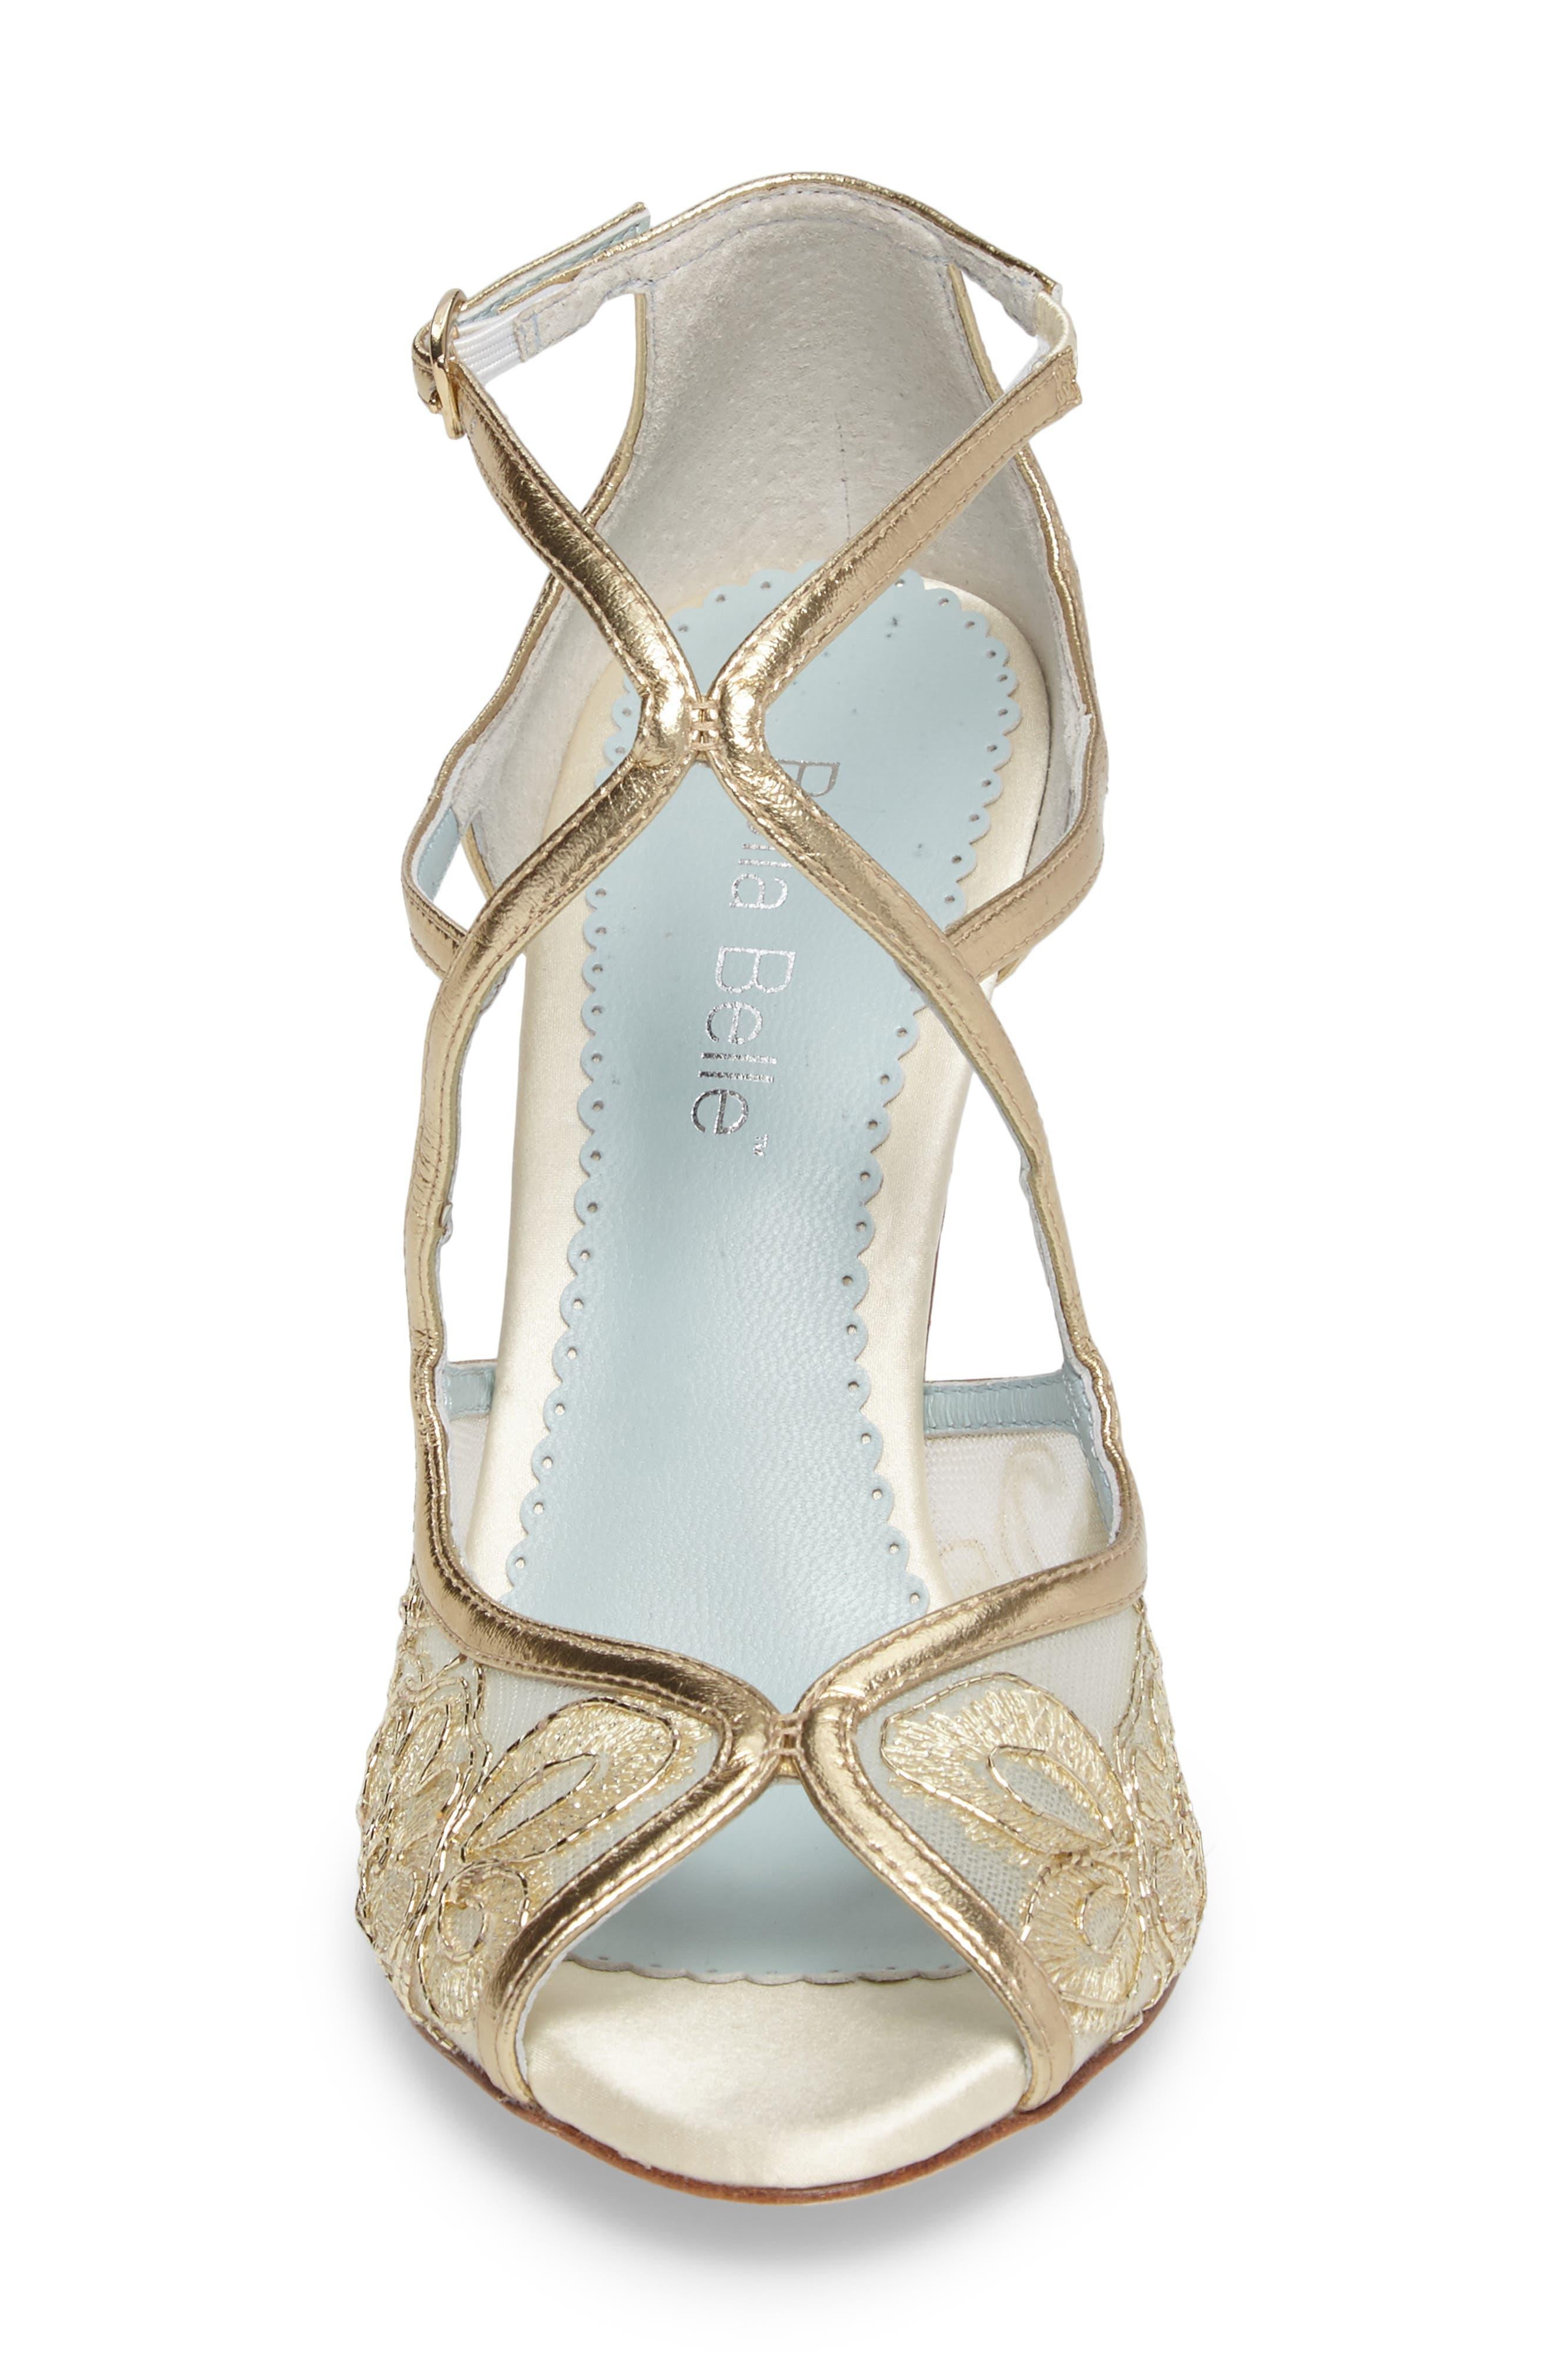 Tess Peep Toe Sandal,                             Alternate thumbnail 4, color,                             GOLD LEATHER